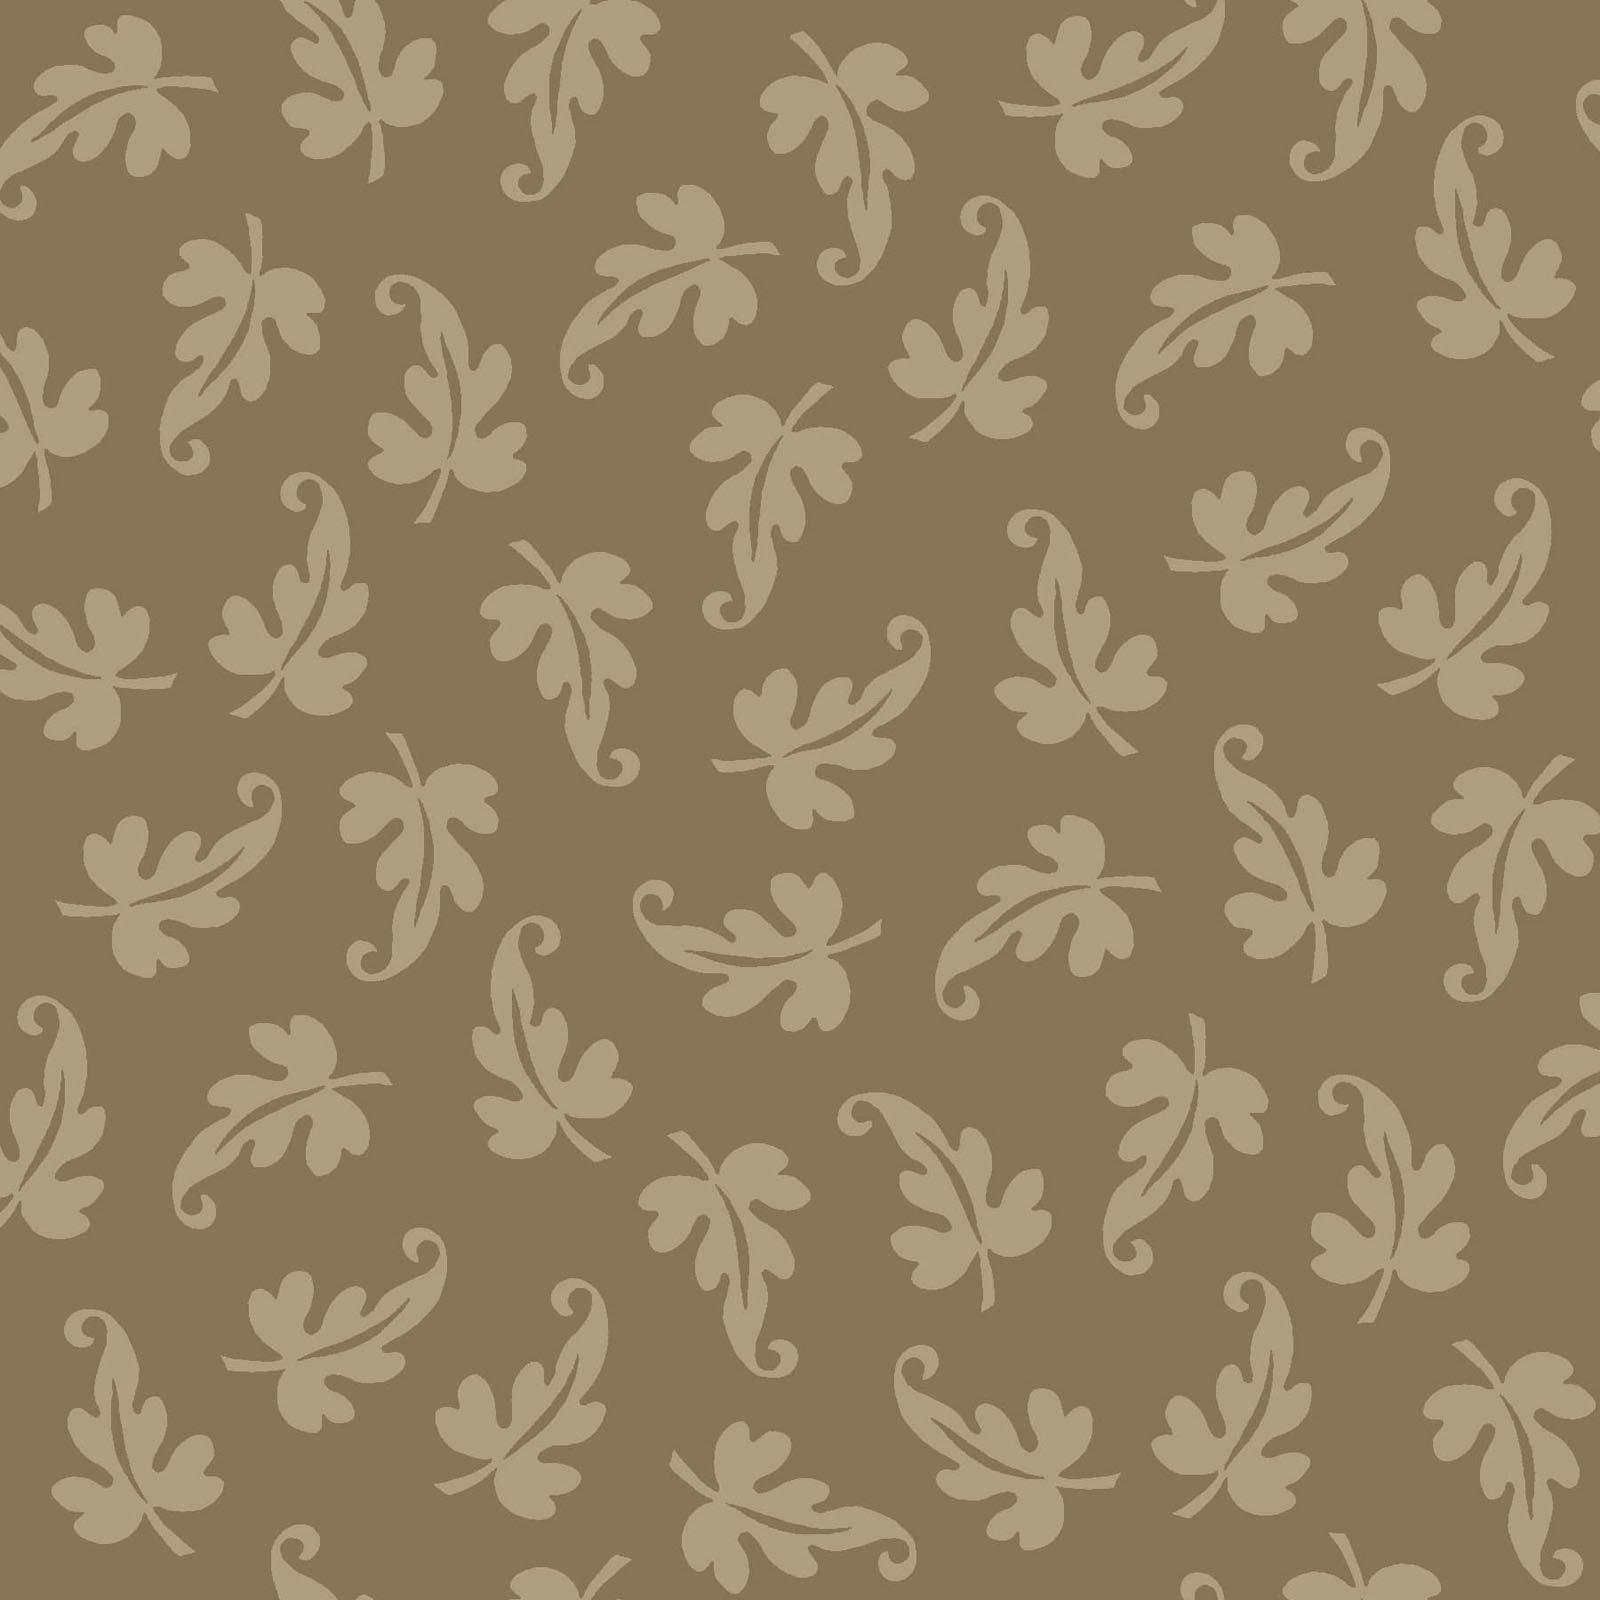 Ruby - Scroll Leaf - Dark Tan